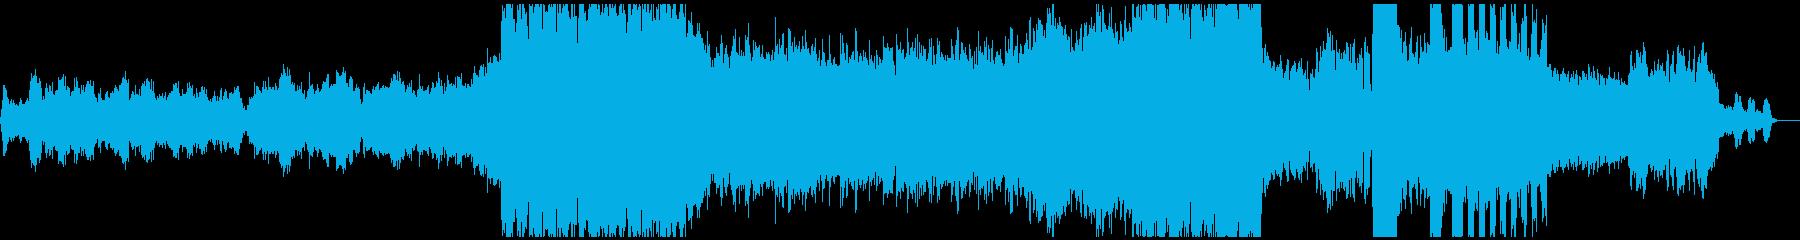 白鳥の湖01(フルオケ通常版)の再生済みの波形